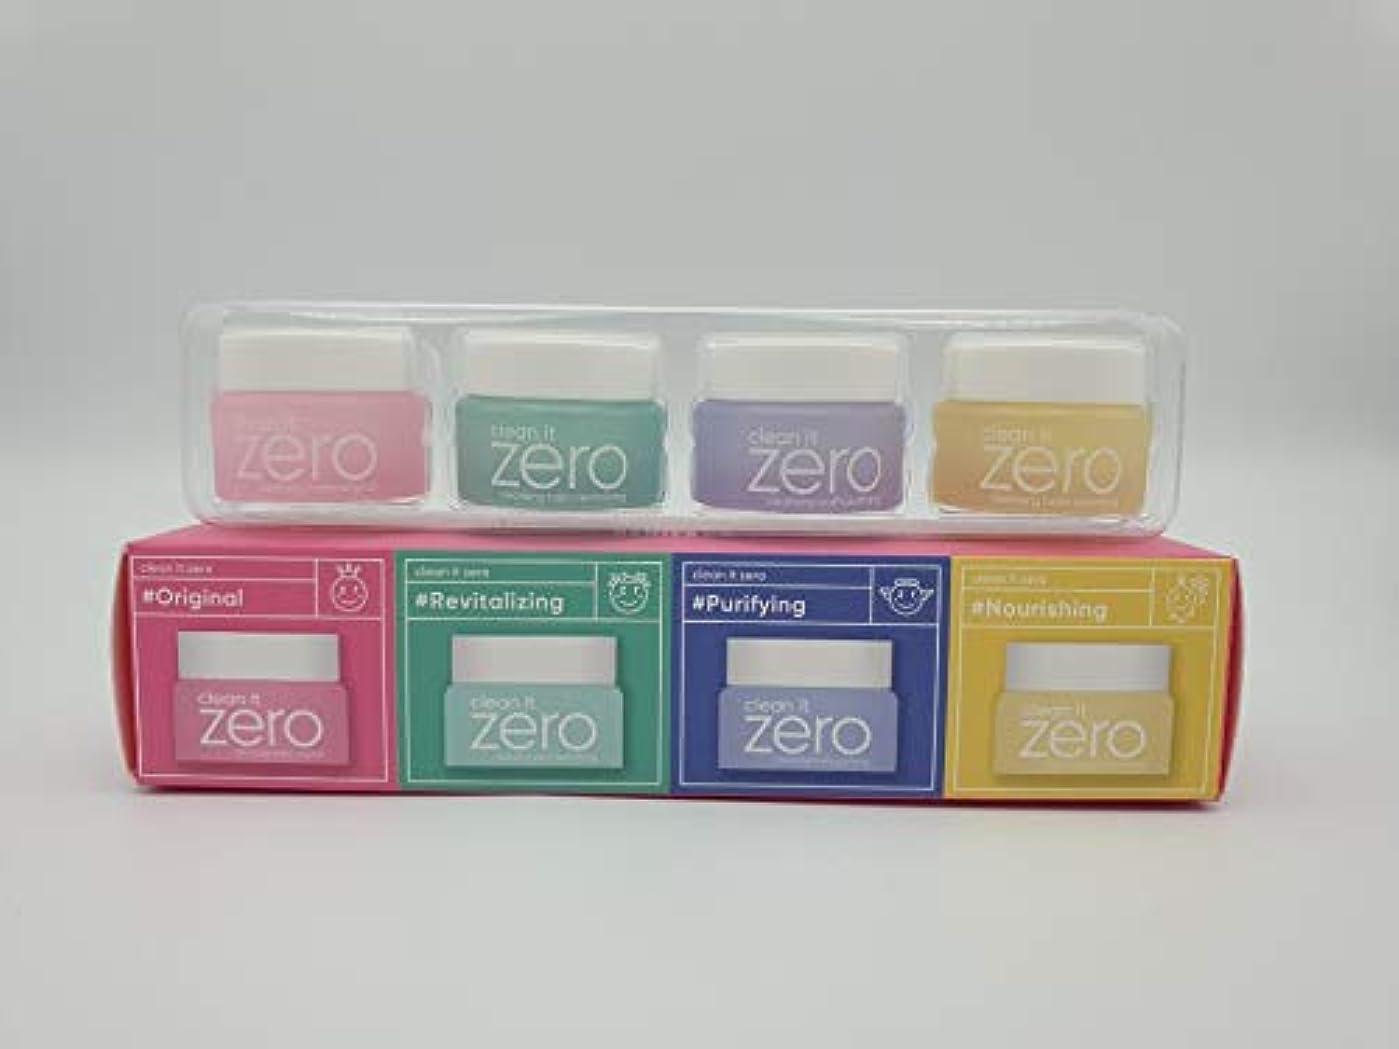 墓派手防衛BANILA CO Clean It Zero Special Kit (7ml×4items)/バニラコ クリーン イット ゼロ スペシャル キット (7ml×4種) [並行輸入品]